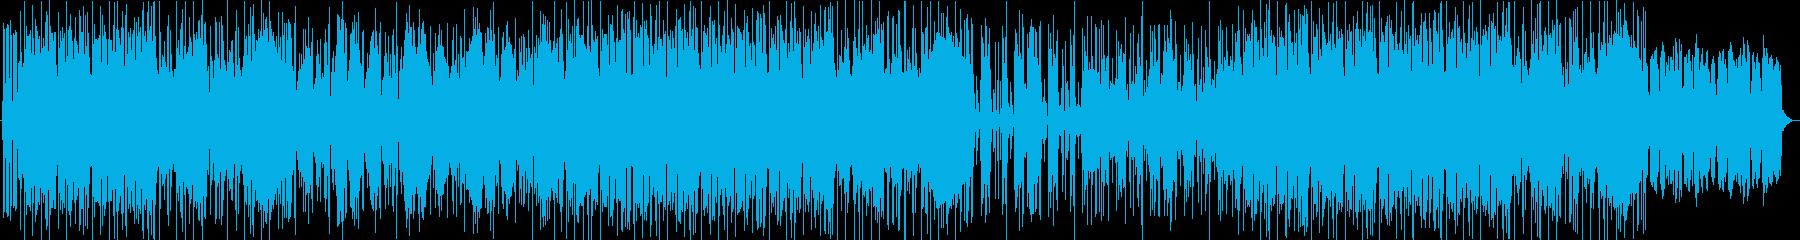 和ロック・おしゃれ・ハネ系の再生済みの波形